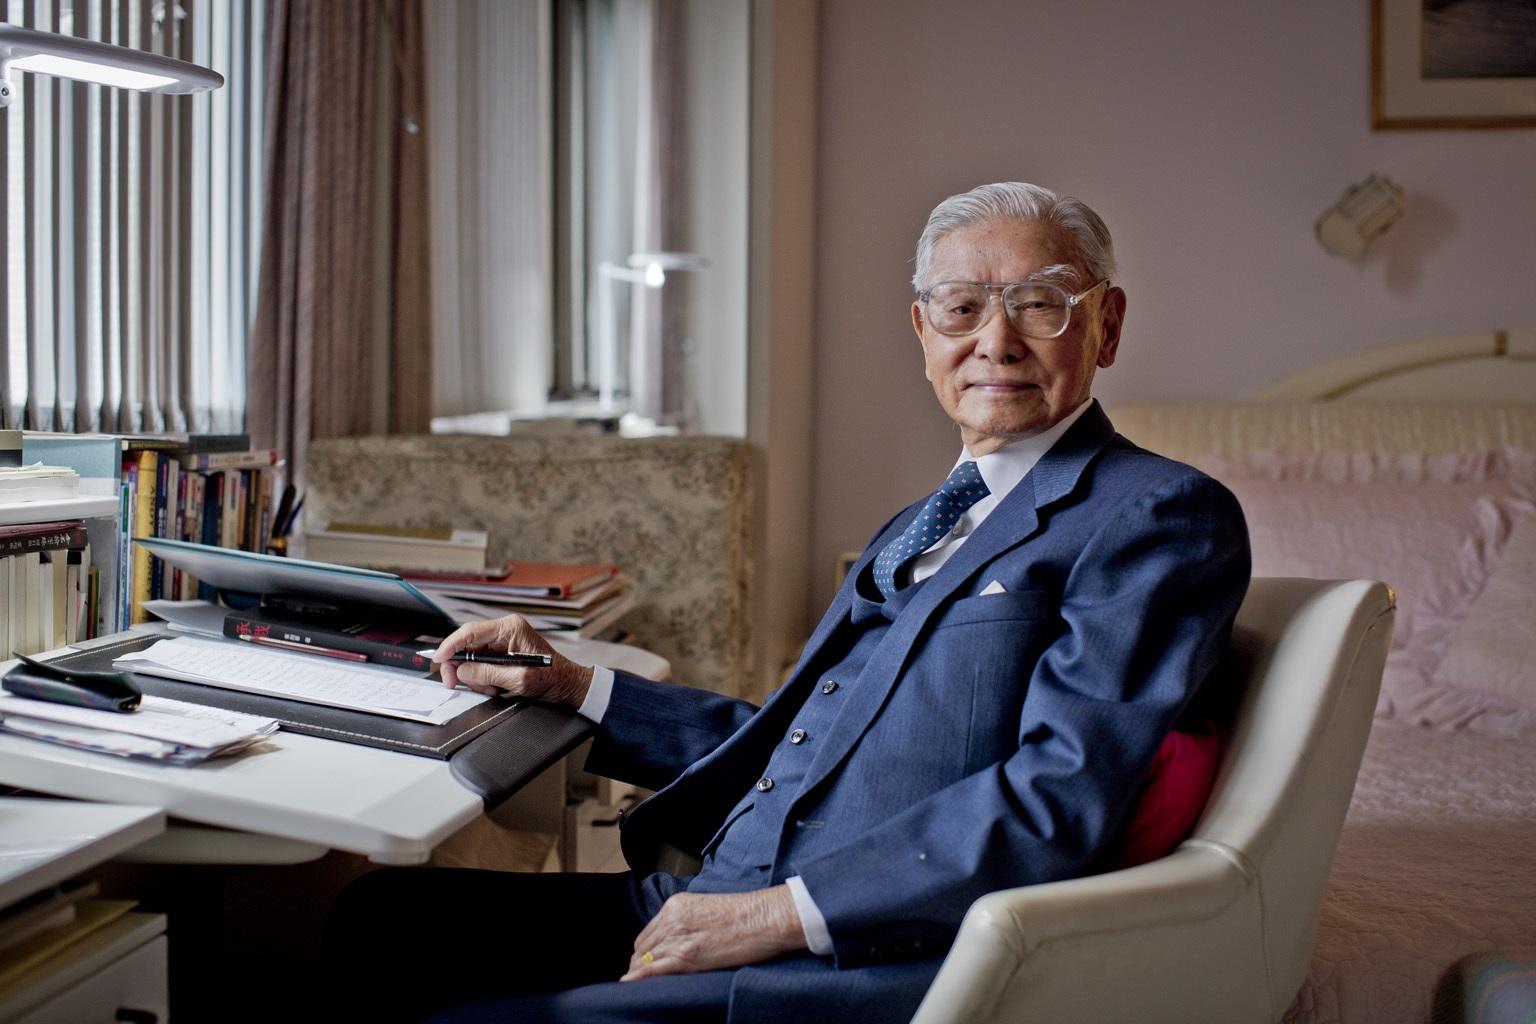 如何老得有質感?101歲人瑞張祖詒:秘訣4個字,「聽太太話」